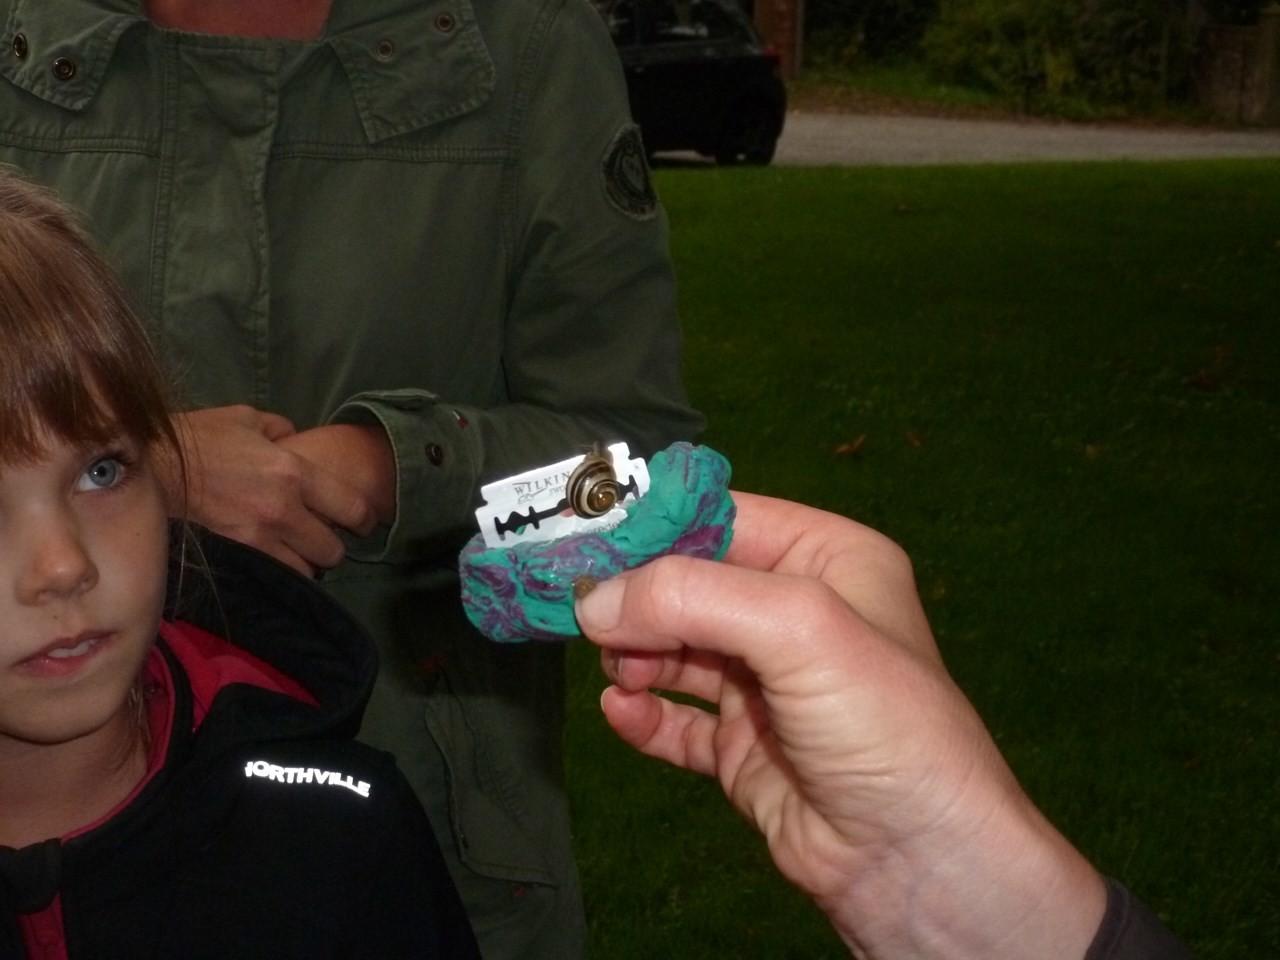 Schnecken können auf Rasiermessern kriechen, ohne sich zu verletzen. - Foto: Maren Matzeik